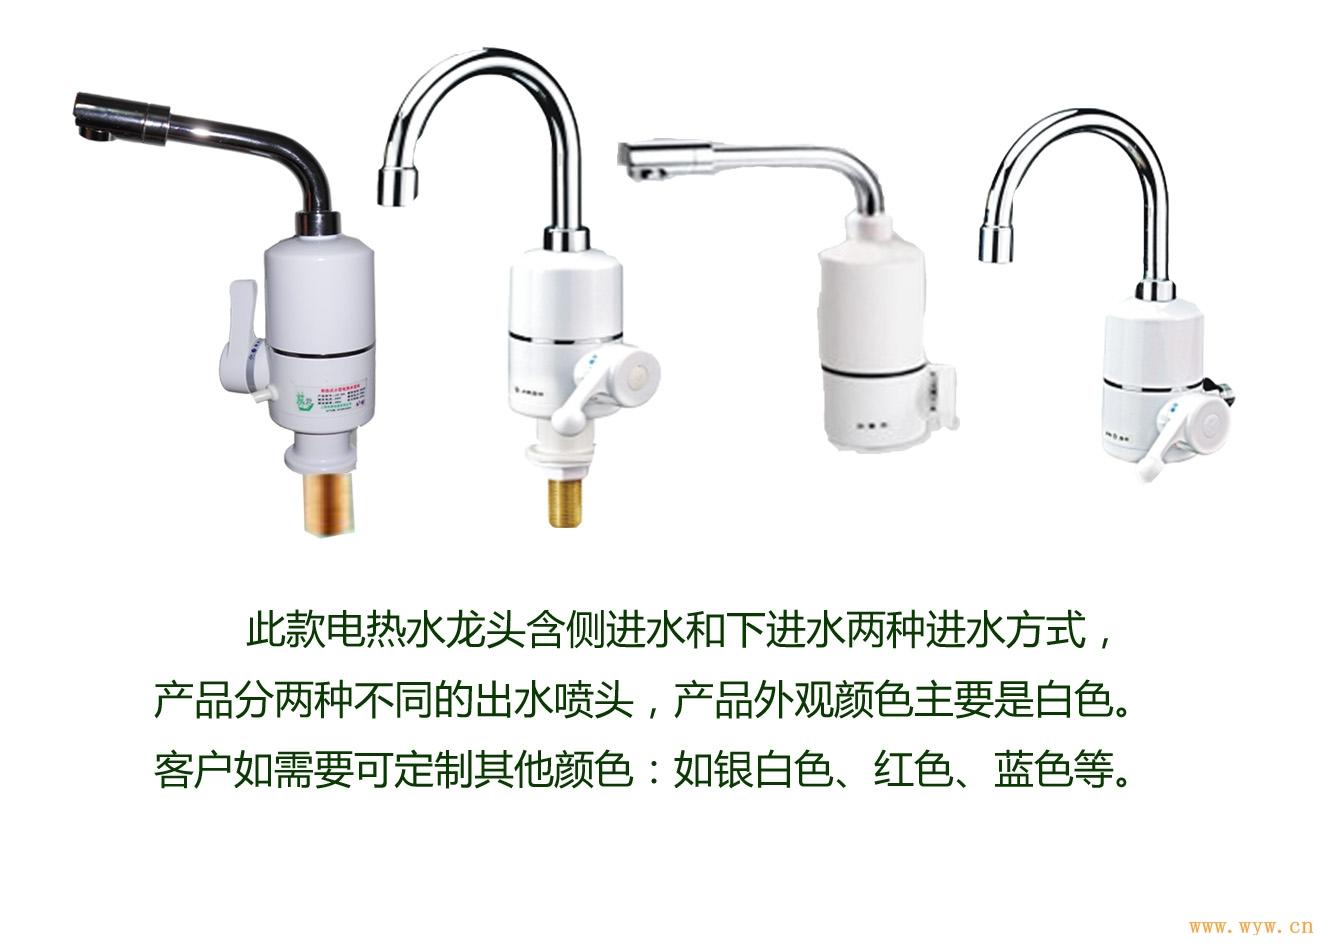 供应电热水龙头-上海林君电器有限公司